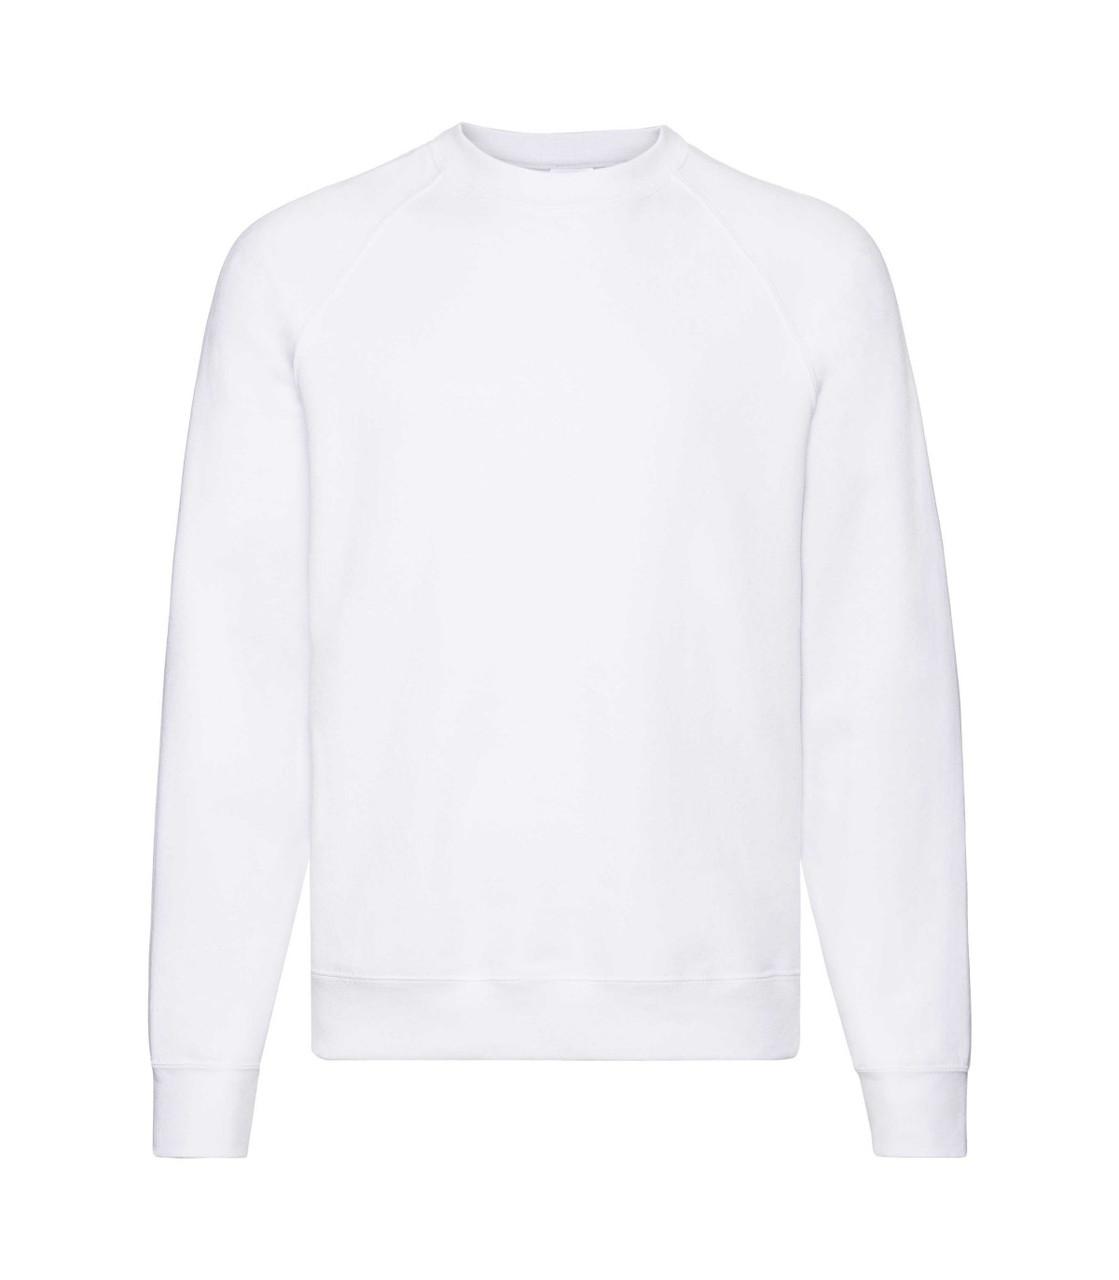 Мужской свитер-реглан утепленный белый 216-30